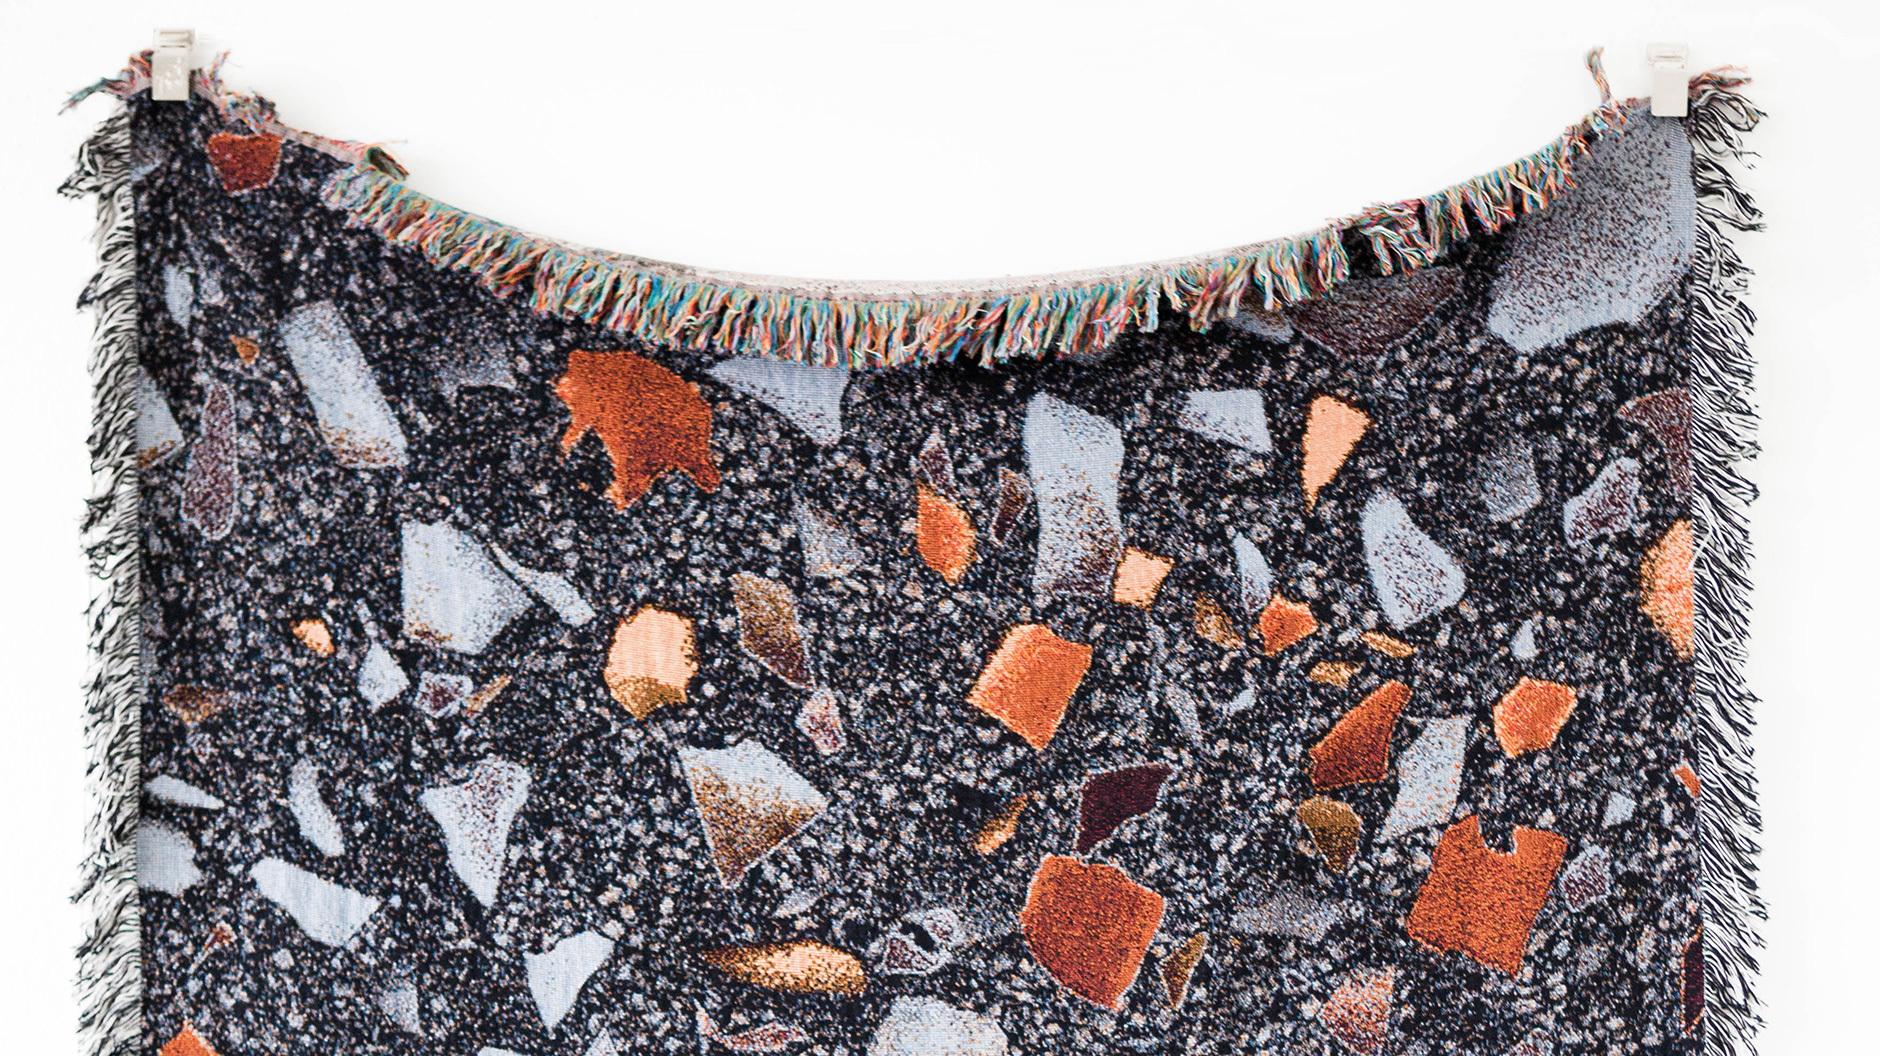 Hersteller: Schönstaub, Designer: Terrazzo Carpet